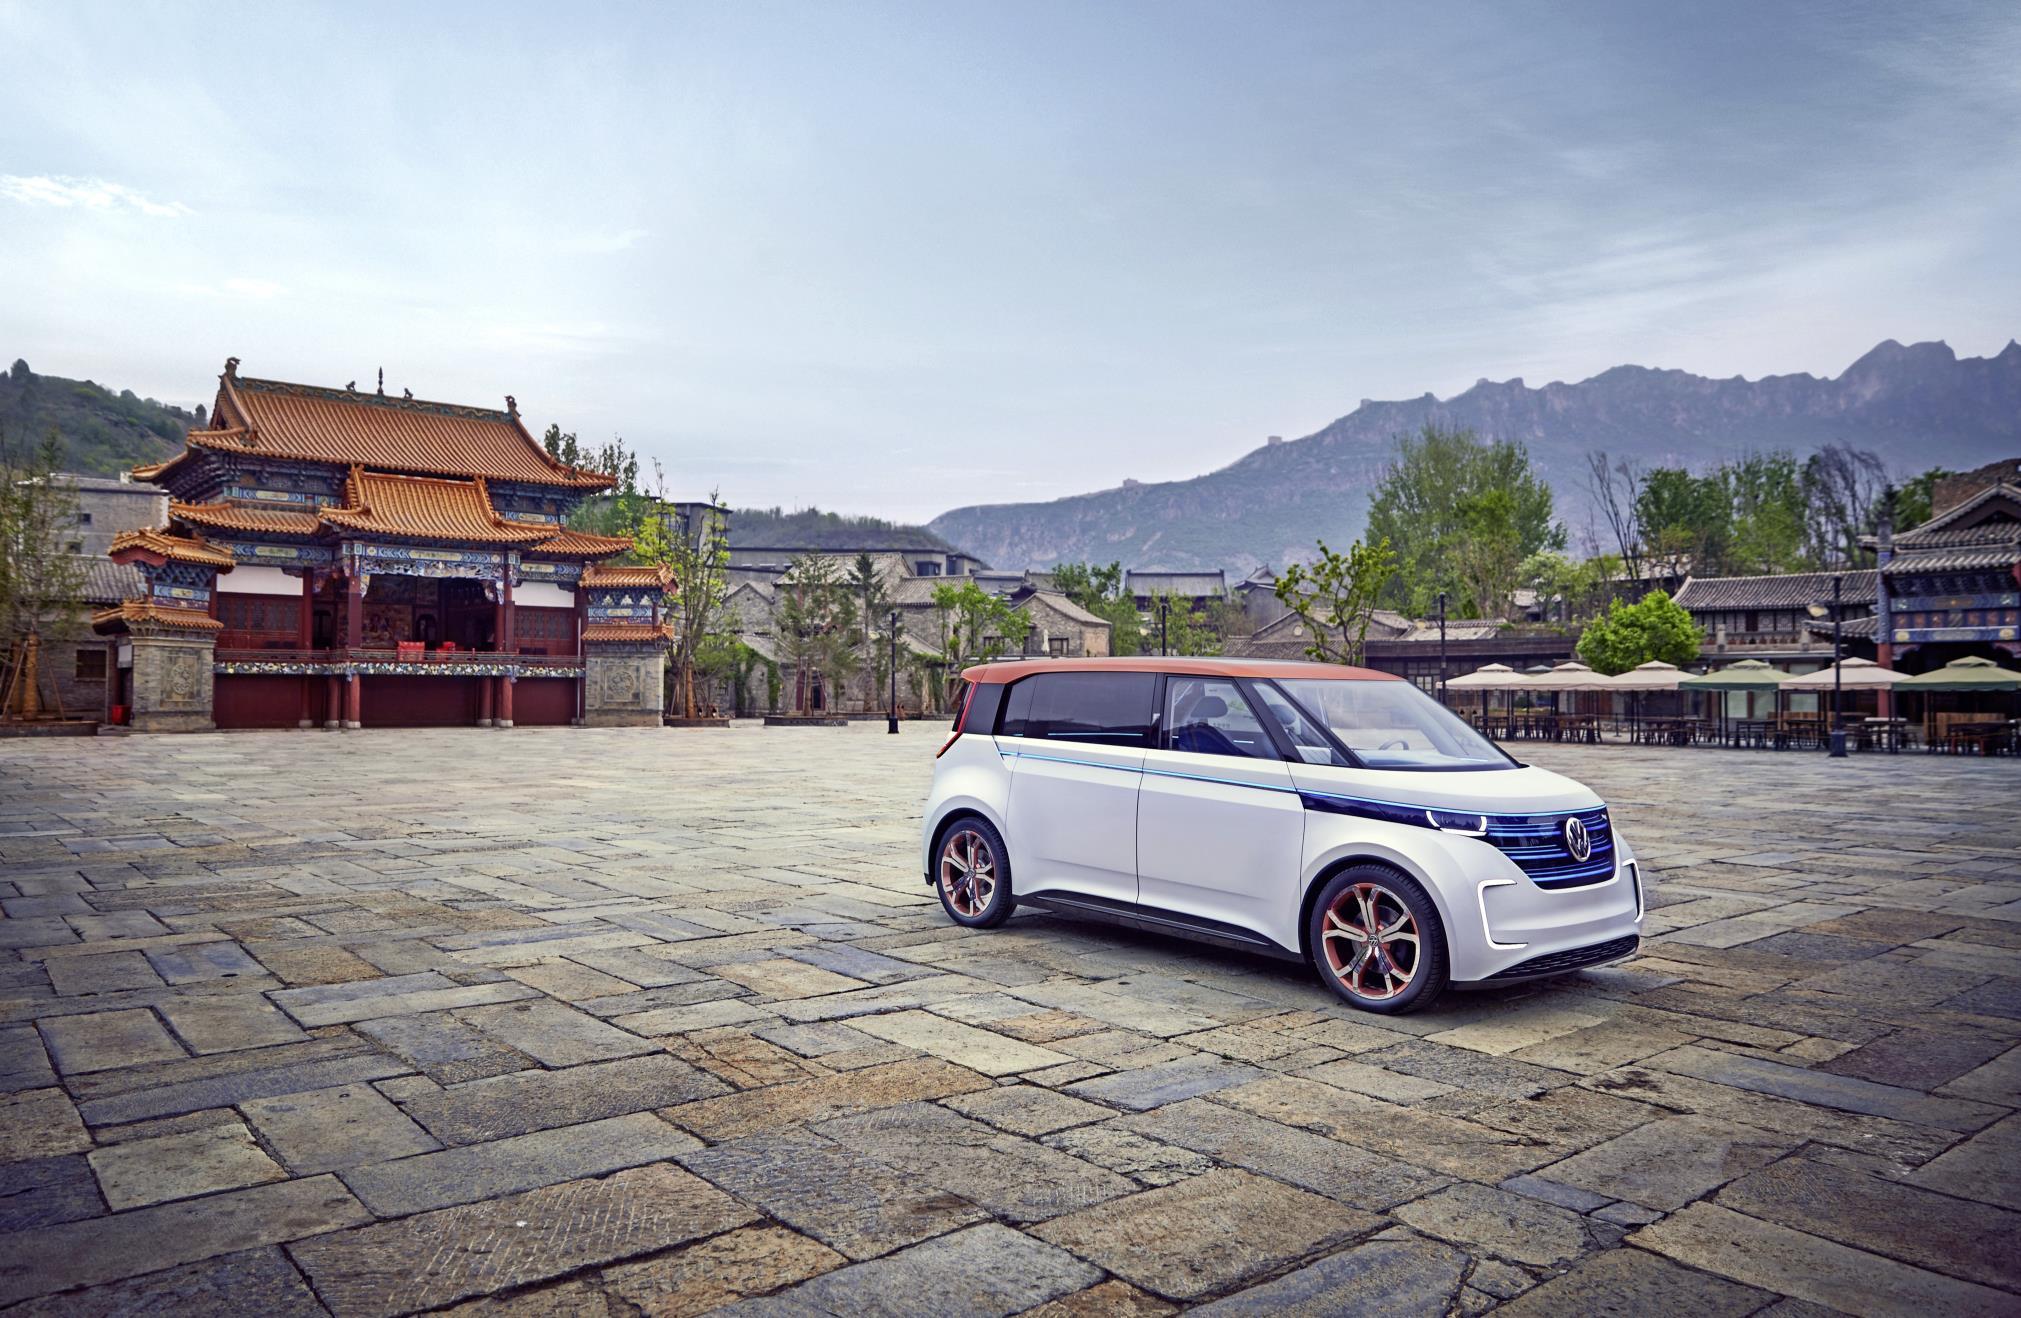 Da prodottuore di auto a provider di mobilità sostenibile. Ecco come cambia il Gruppo Volkswagen